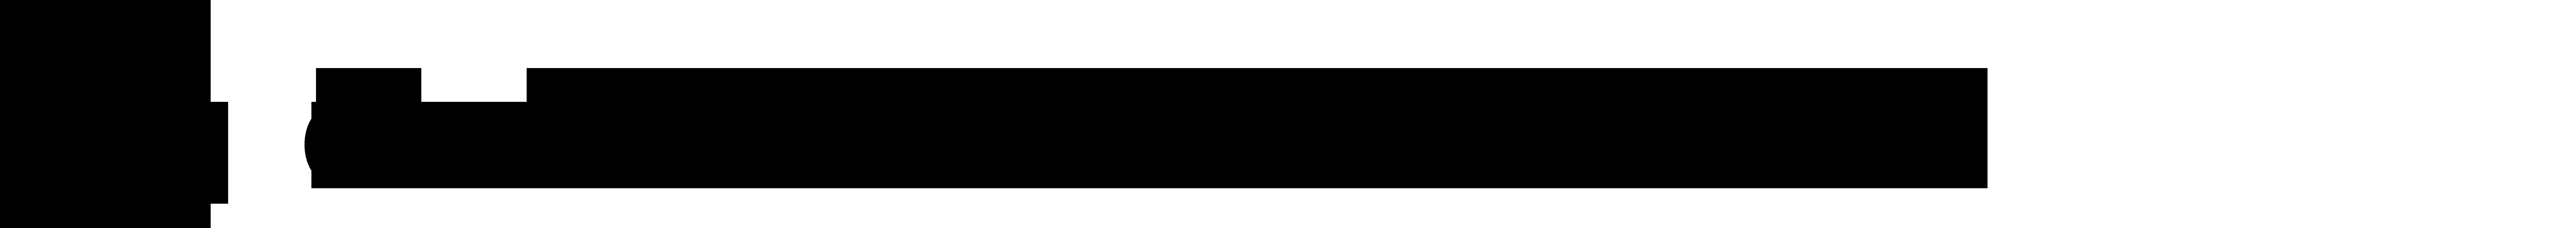 Logo_ACA_Positivo